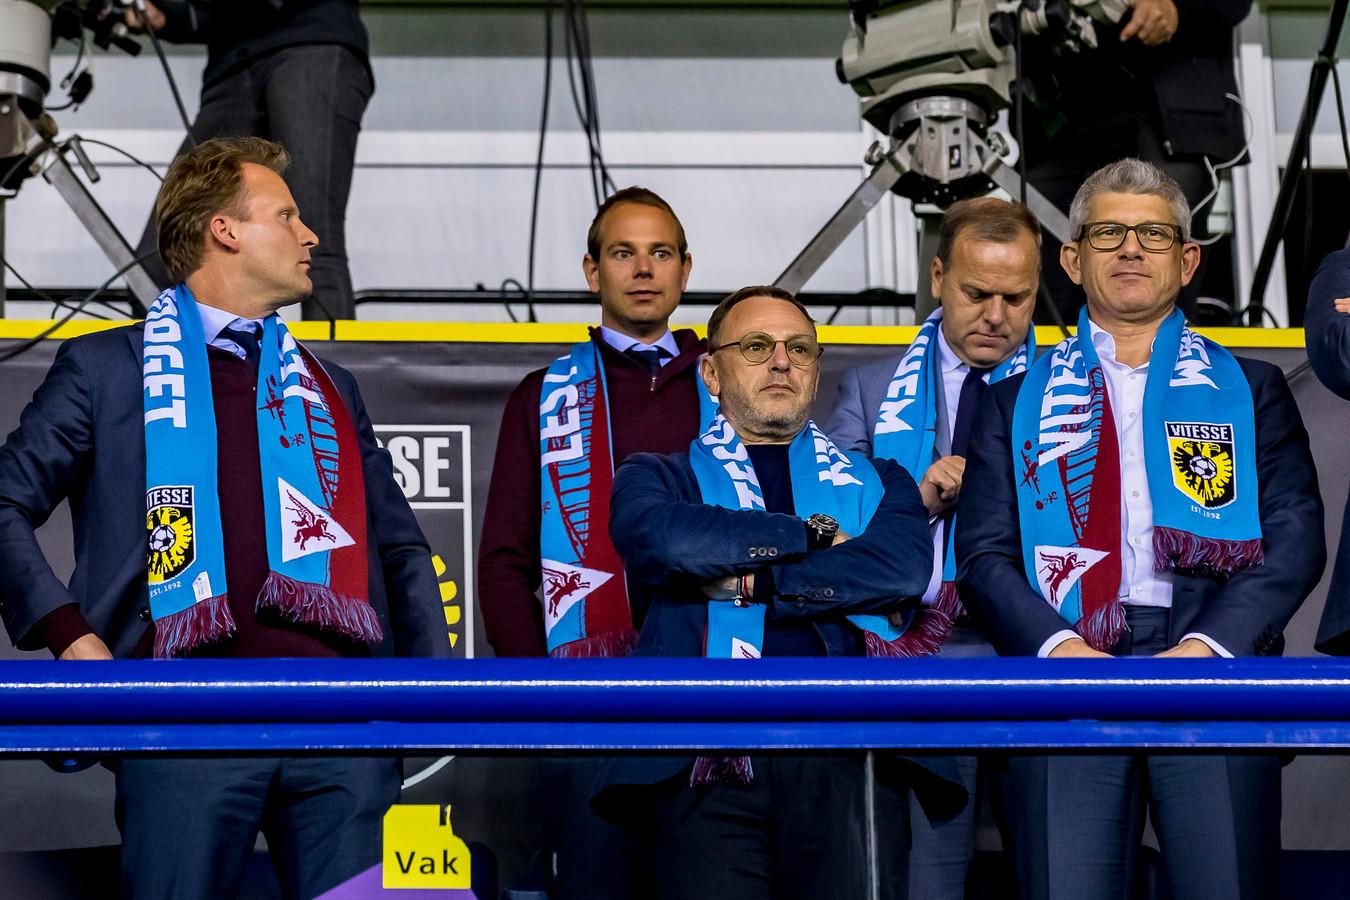 De top van Vitesse, met centraal clubeigenaar Valeri Oyf. Rechts commissaris Yevgeni Merkel, links algemeen directeur Pascal van Wijk.